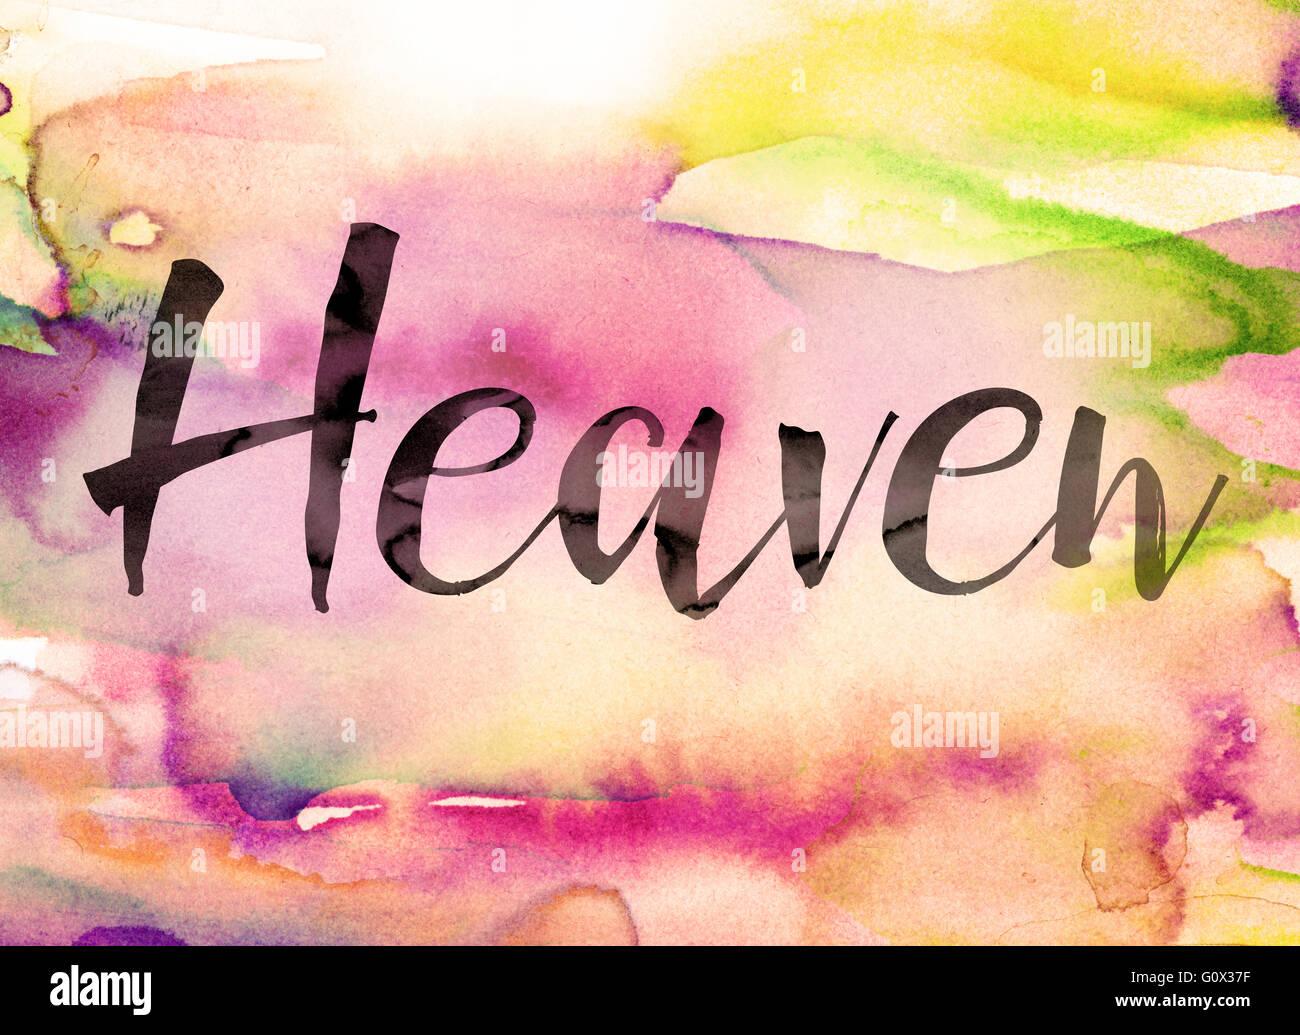 Word Jesus Written In Black Stock Photos & Word Jesus Written In ...